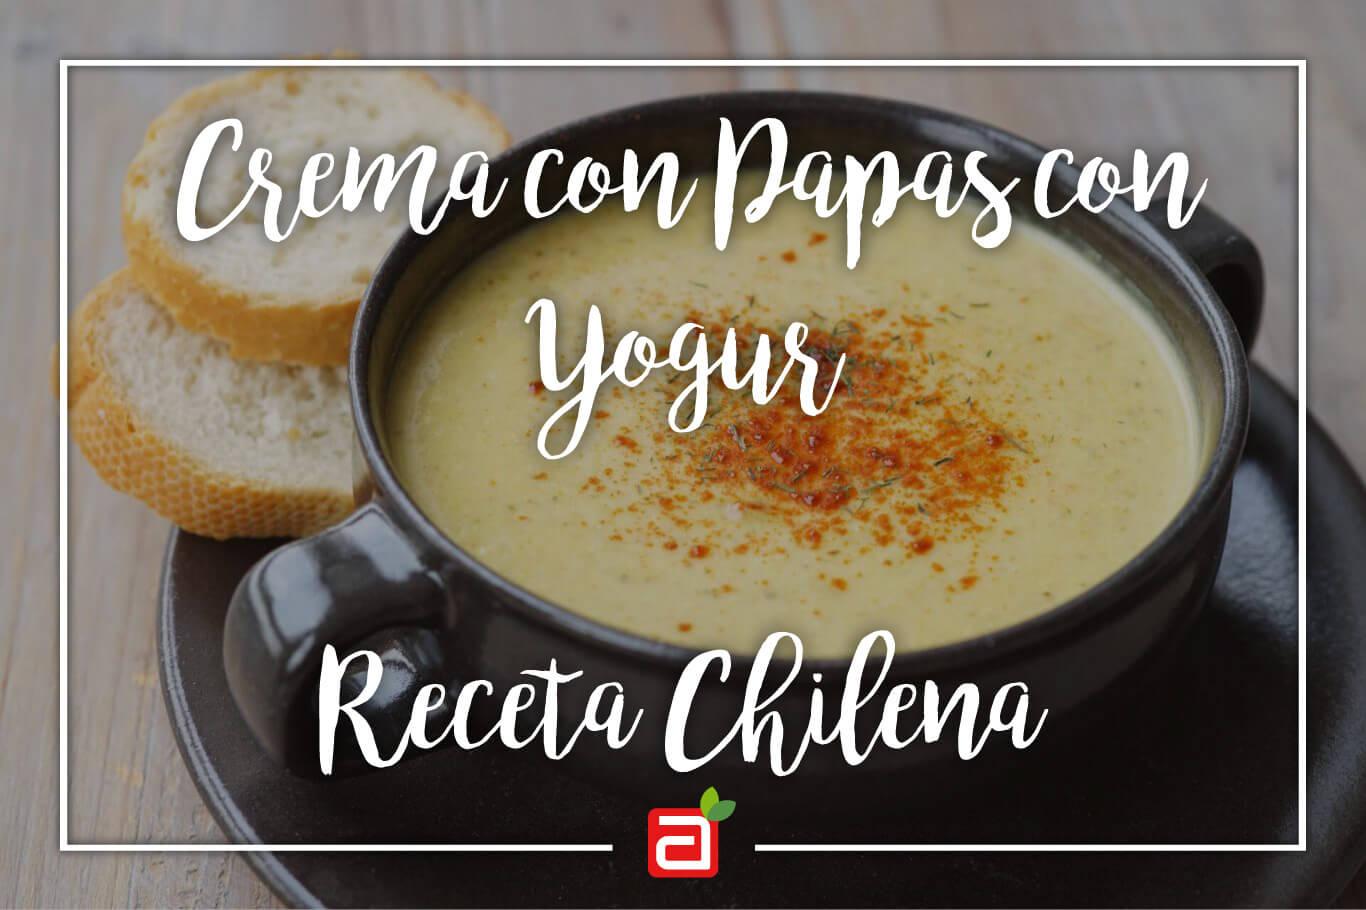 CREMA DE PAPAS CON YOGHURT